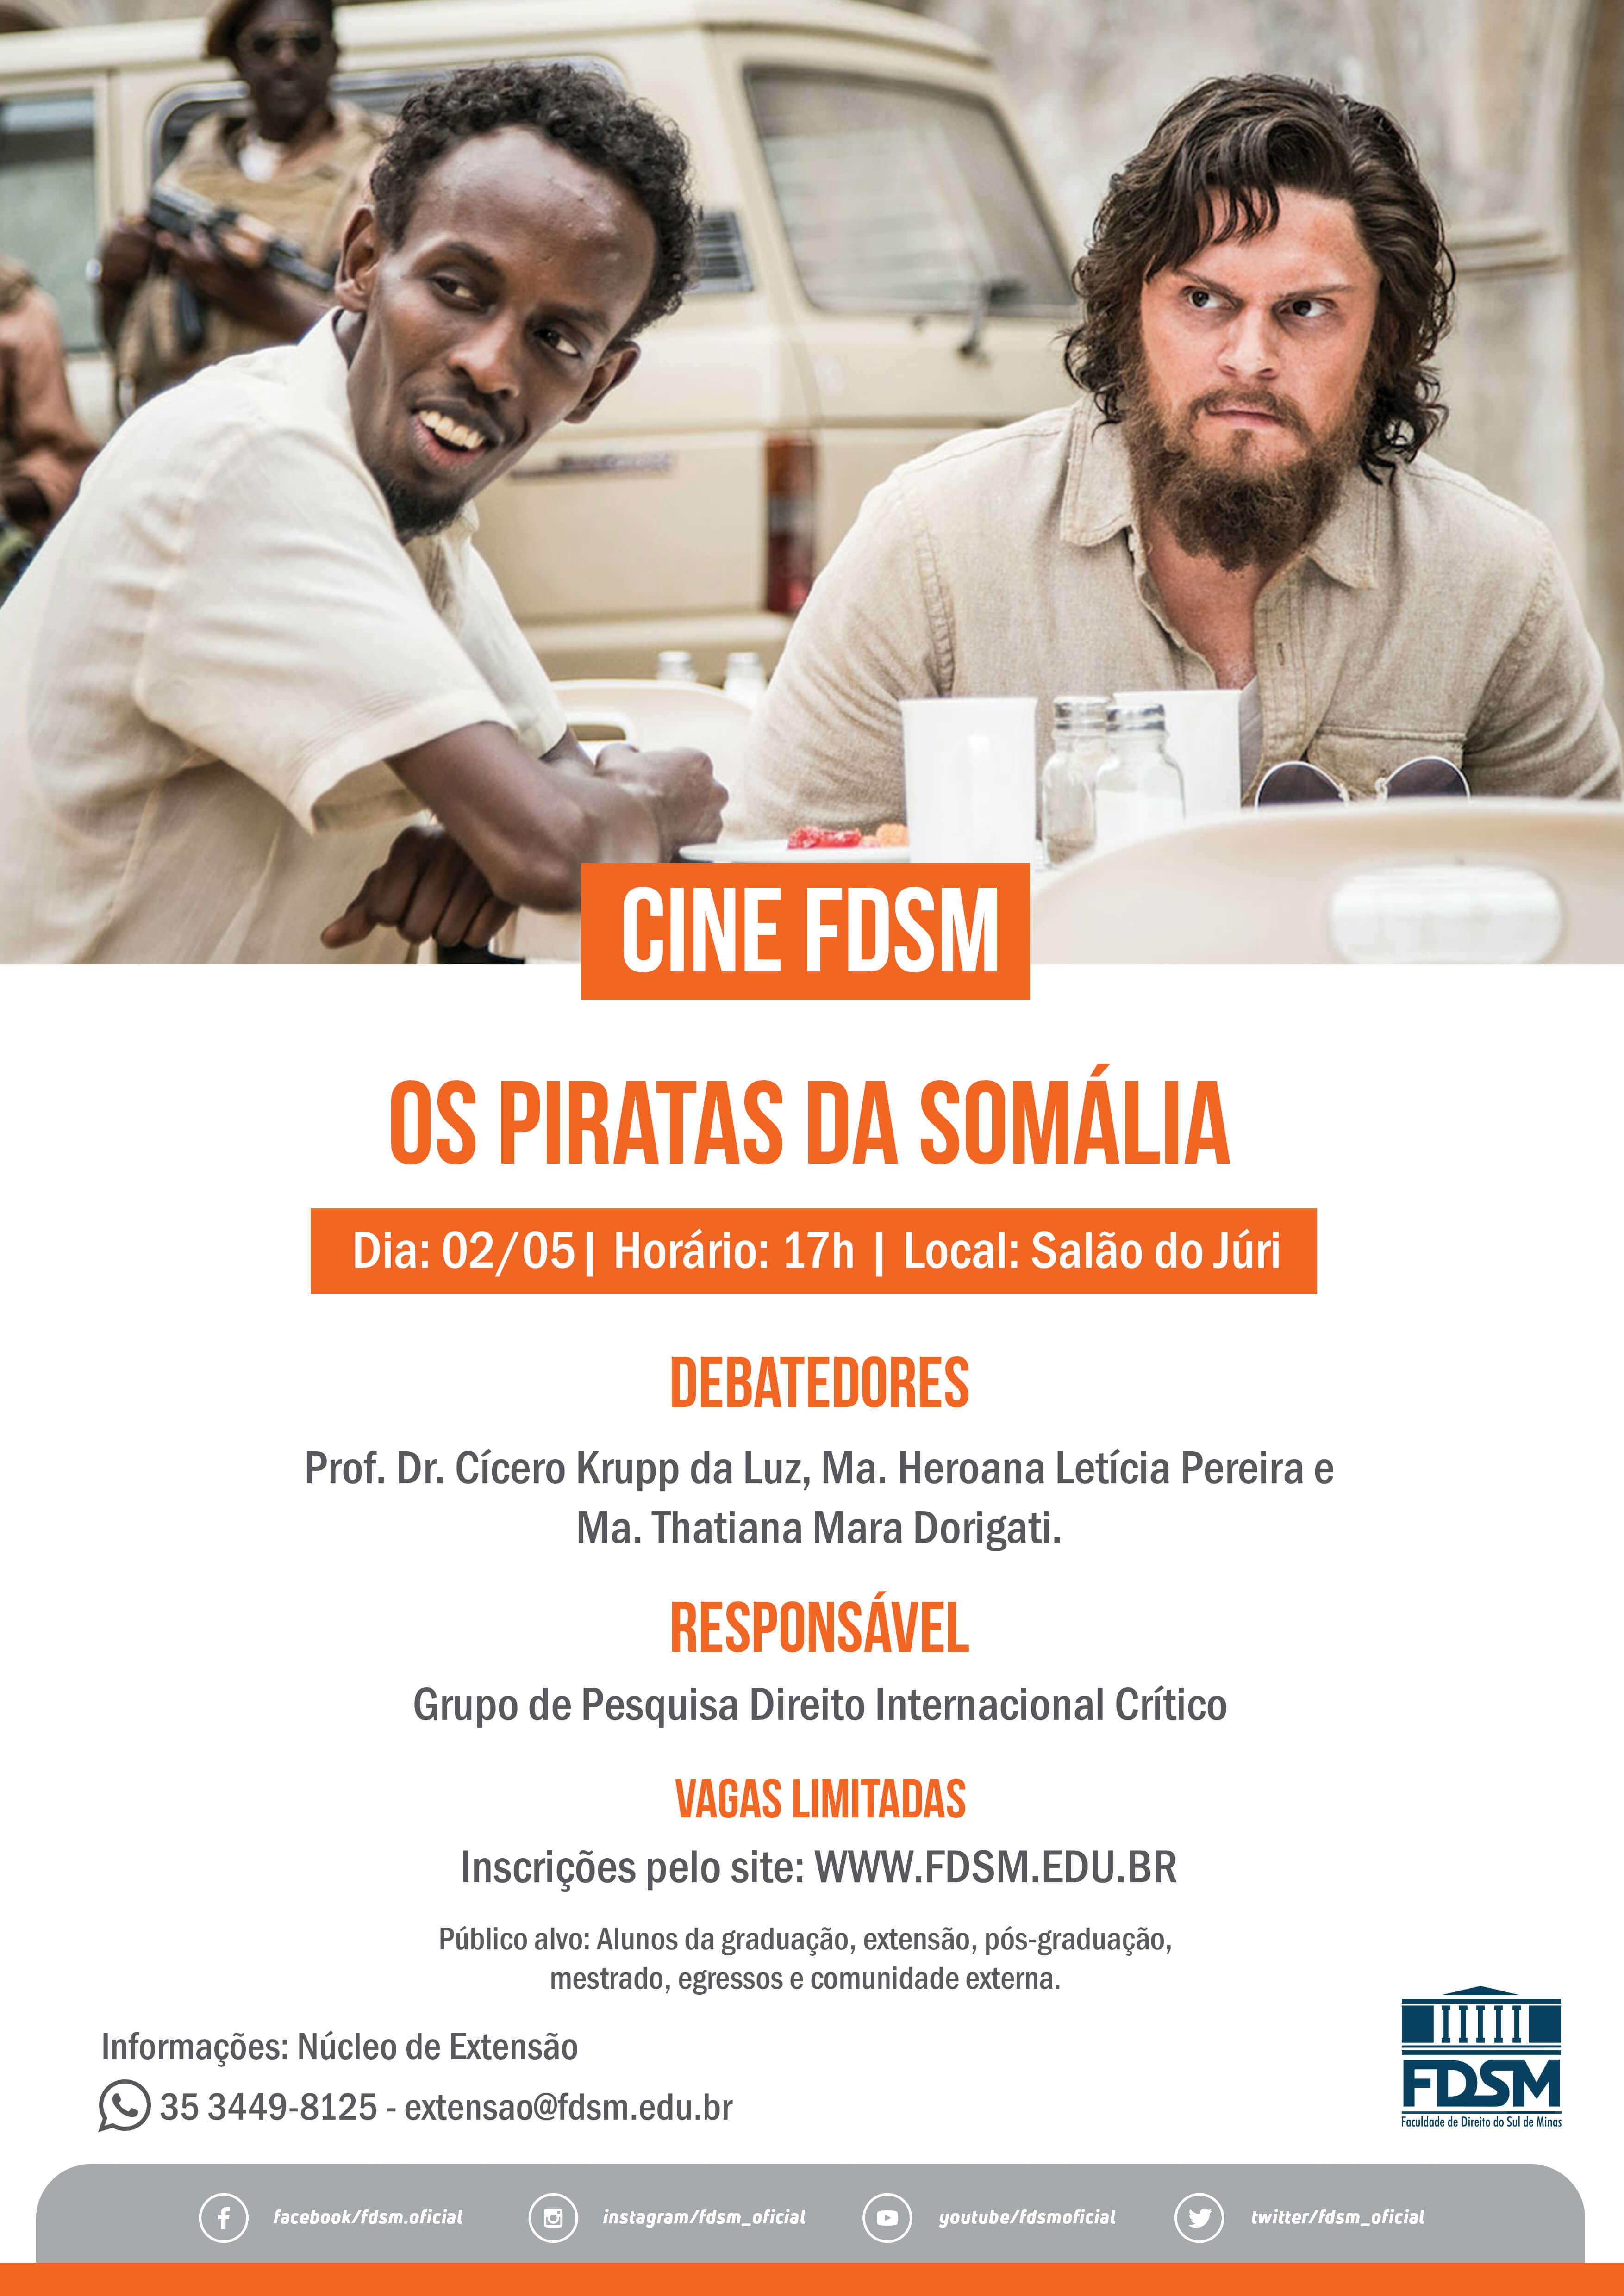 Cód 469: Cine FDSM - Os Piratas da Somália